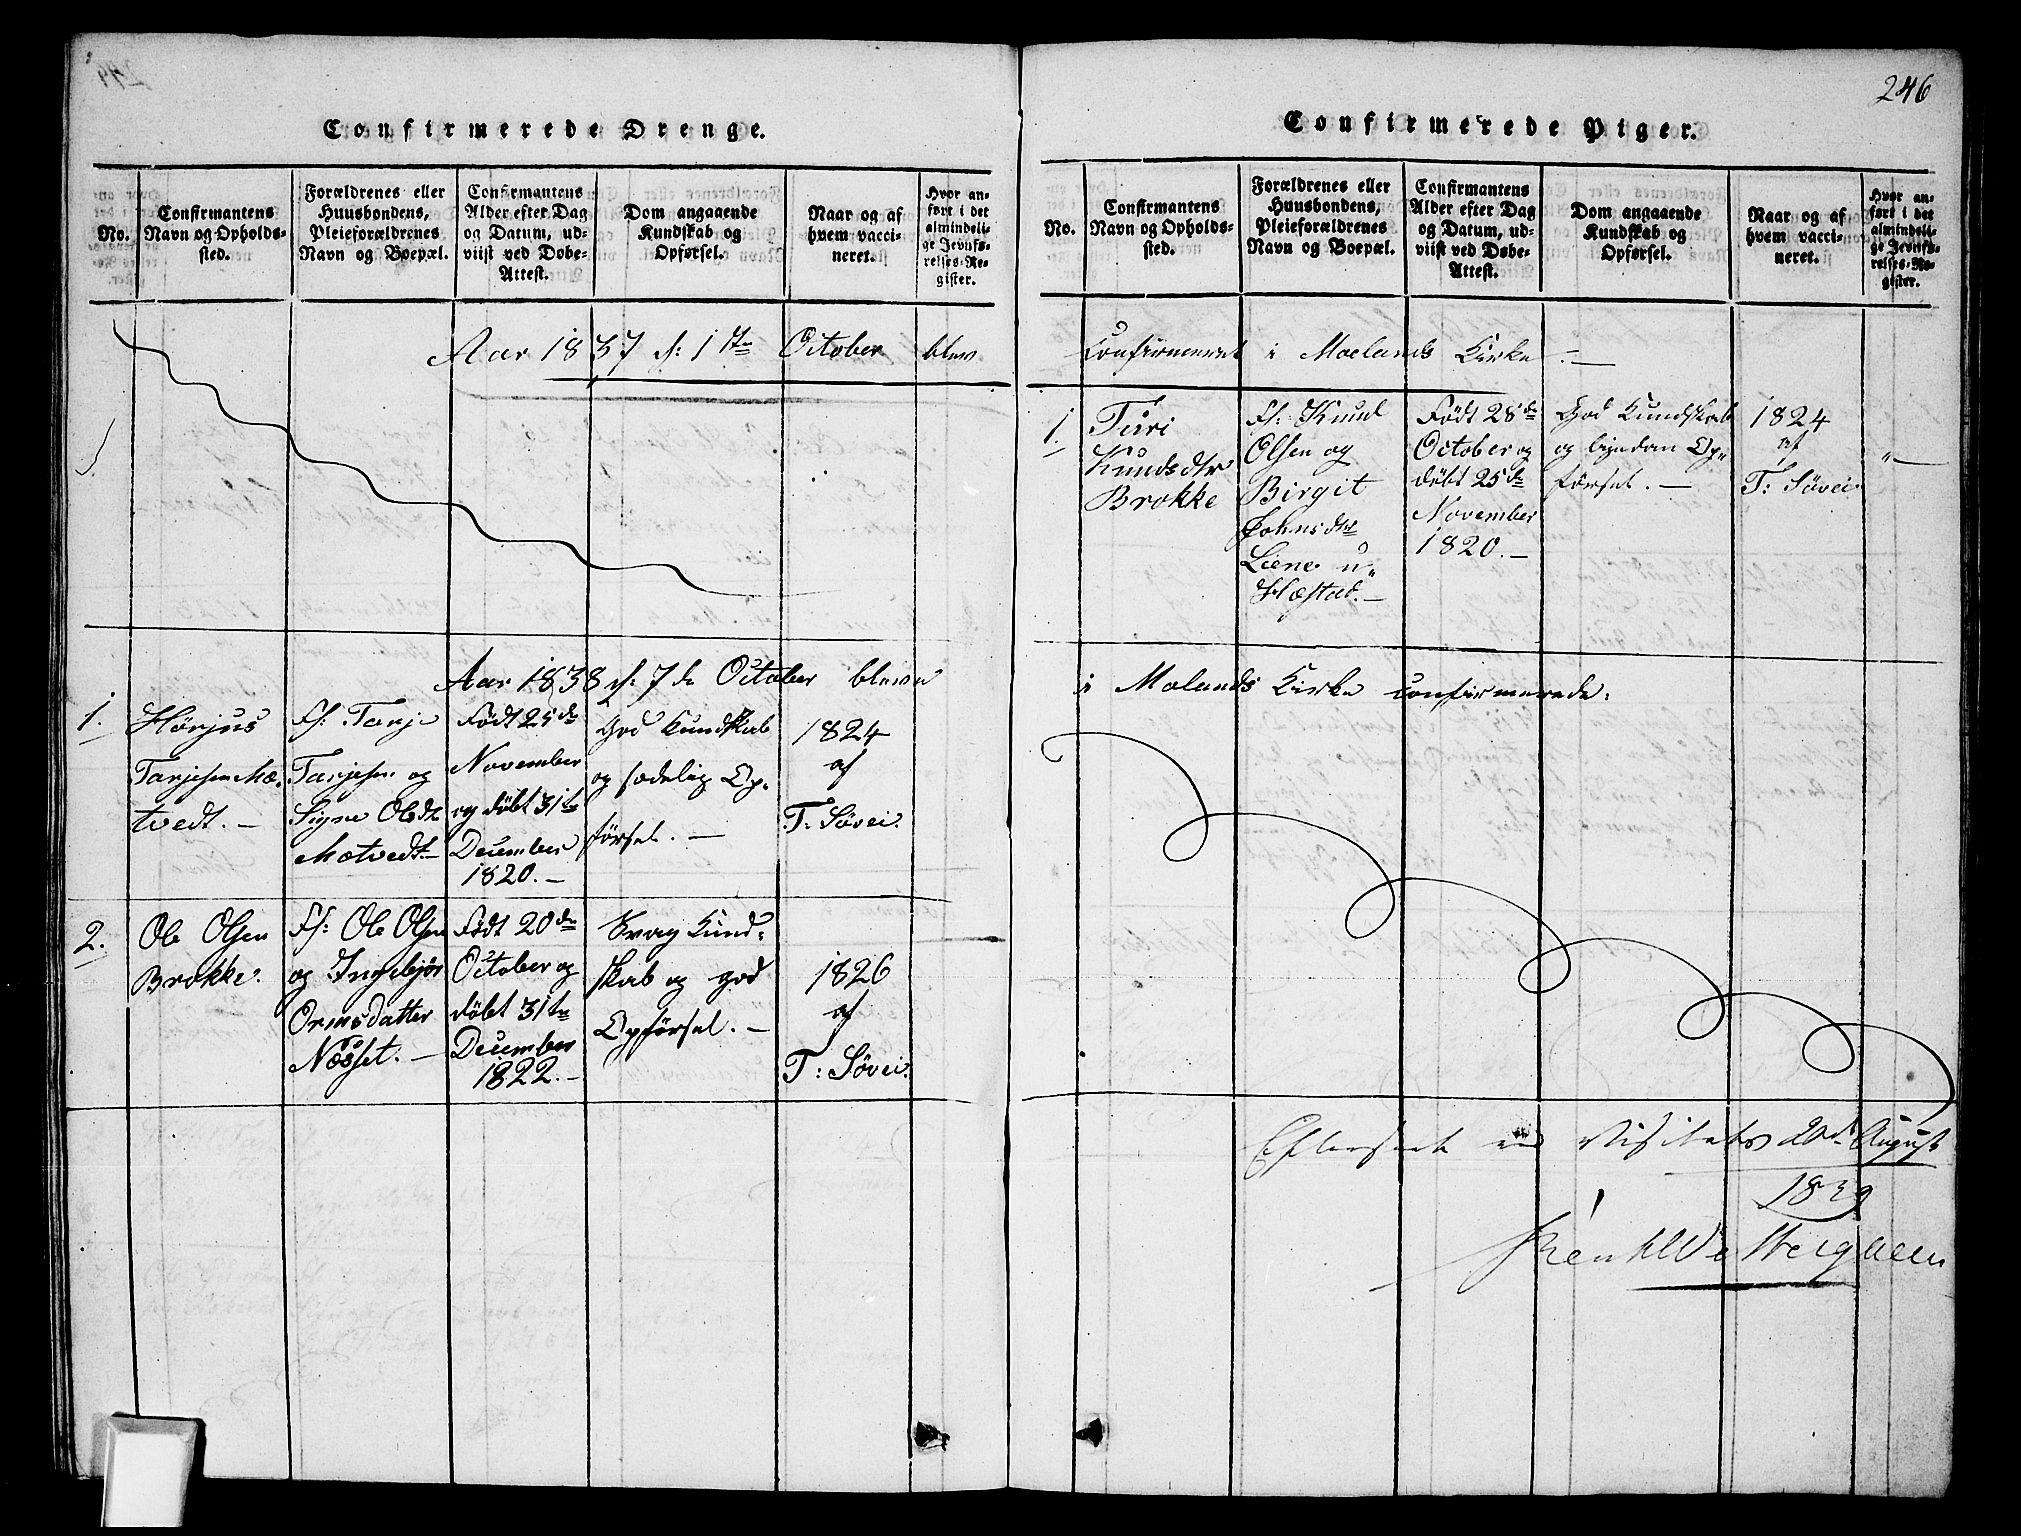 SAKO, Fyresdal kirkebøker, G/Ga/L0002: Klokkerbok nr. I 2, 1815-1857, s. 246